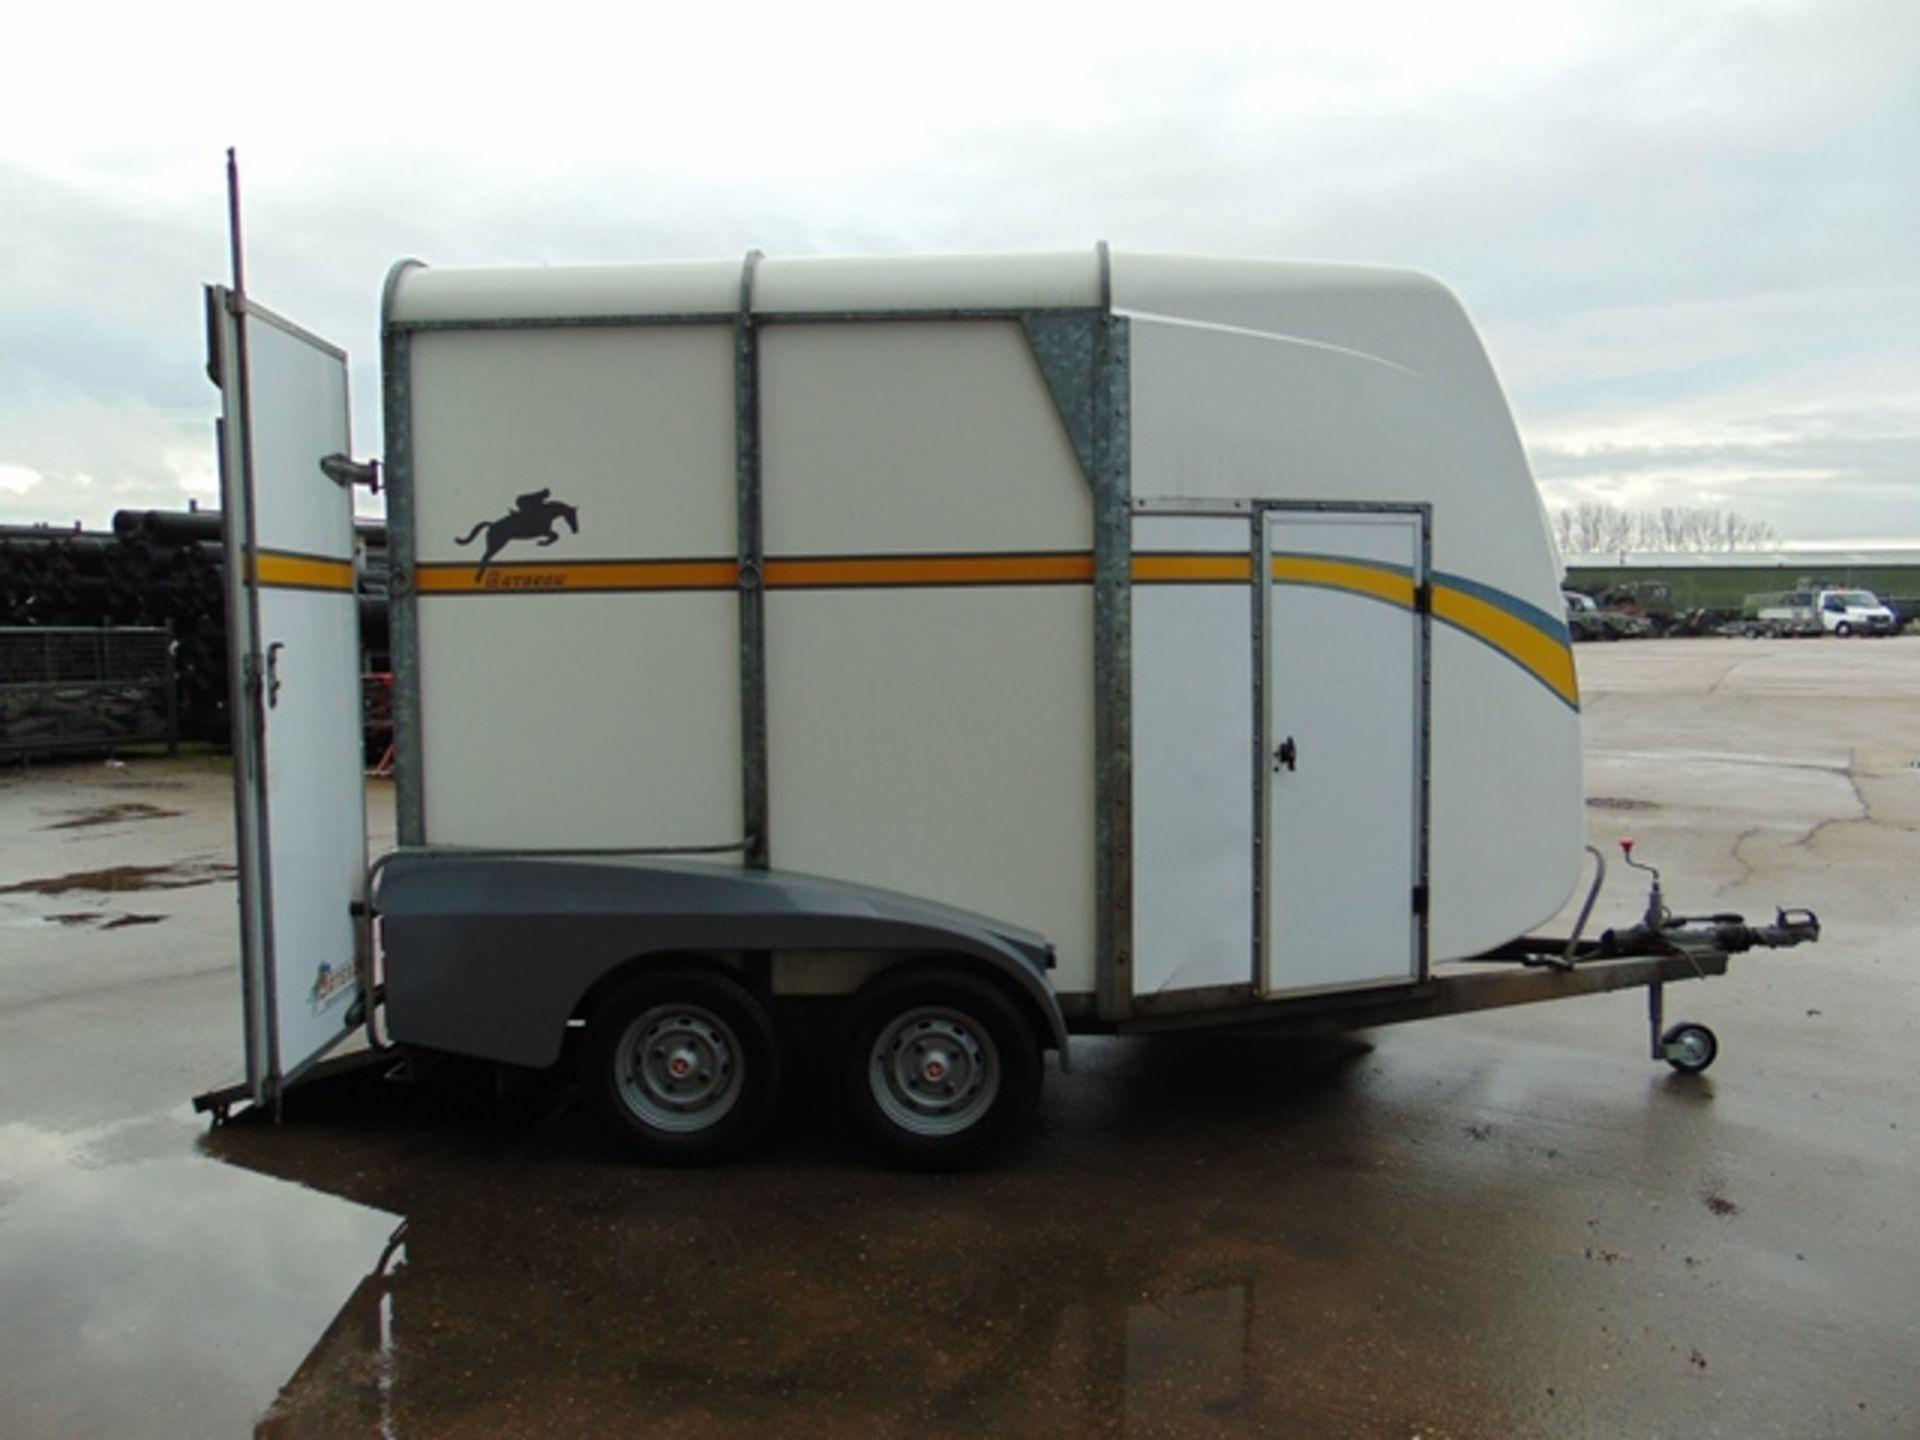 Lot 26847 - Bateson Ascot Twin Axle 2 Horse Trailer